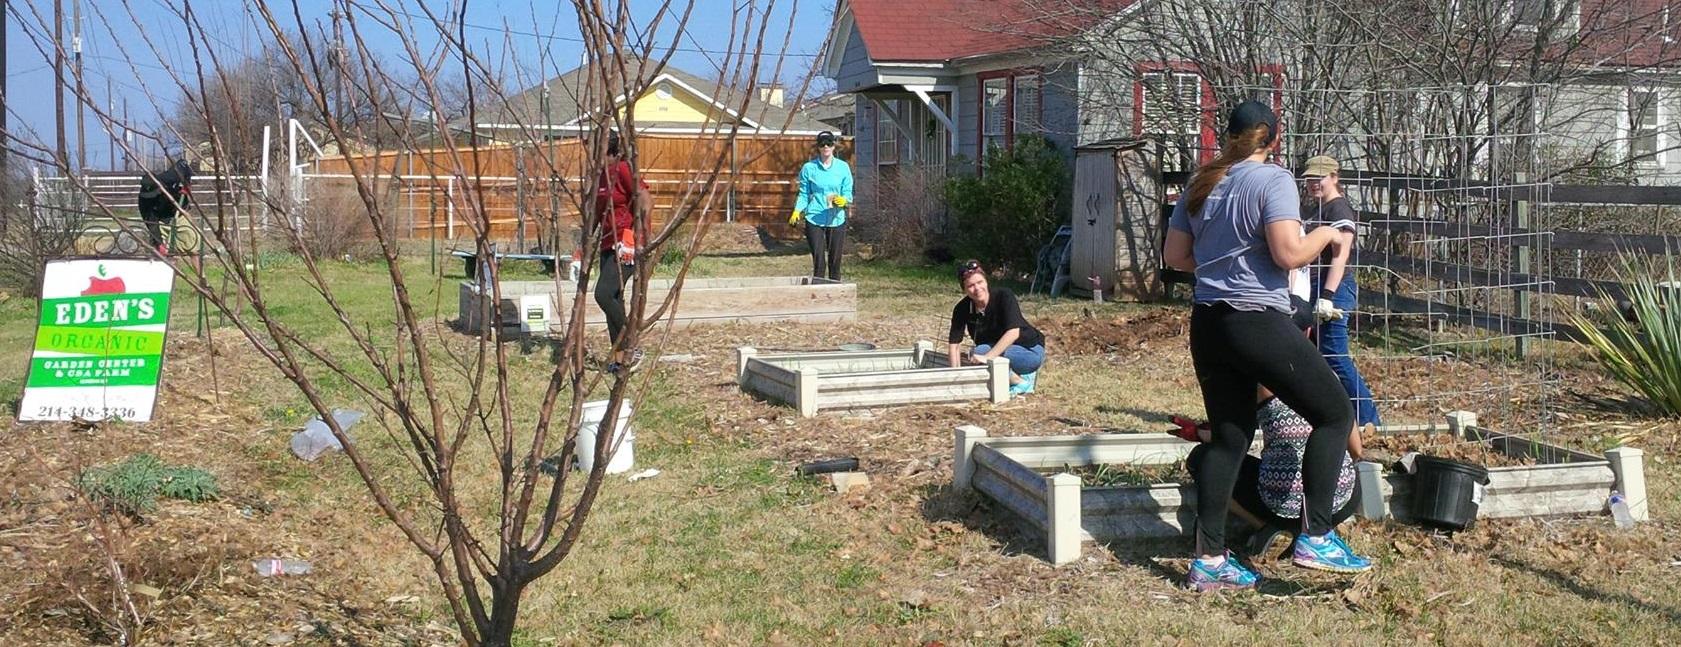 garden volunteers5.jpg